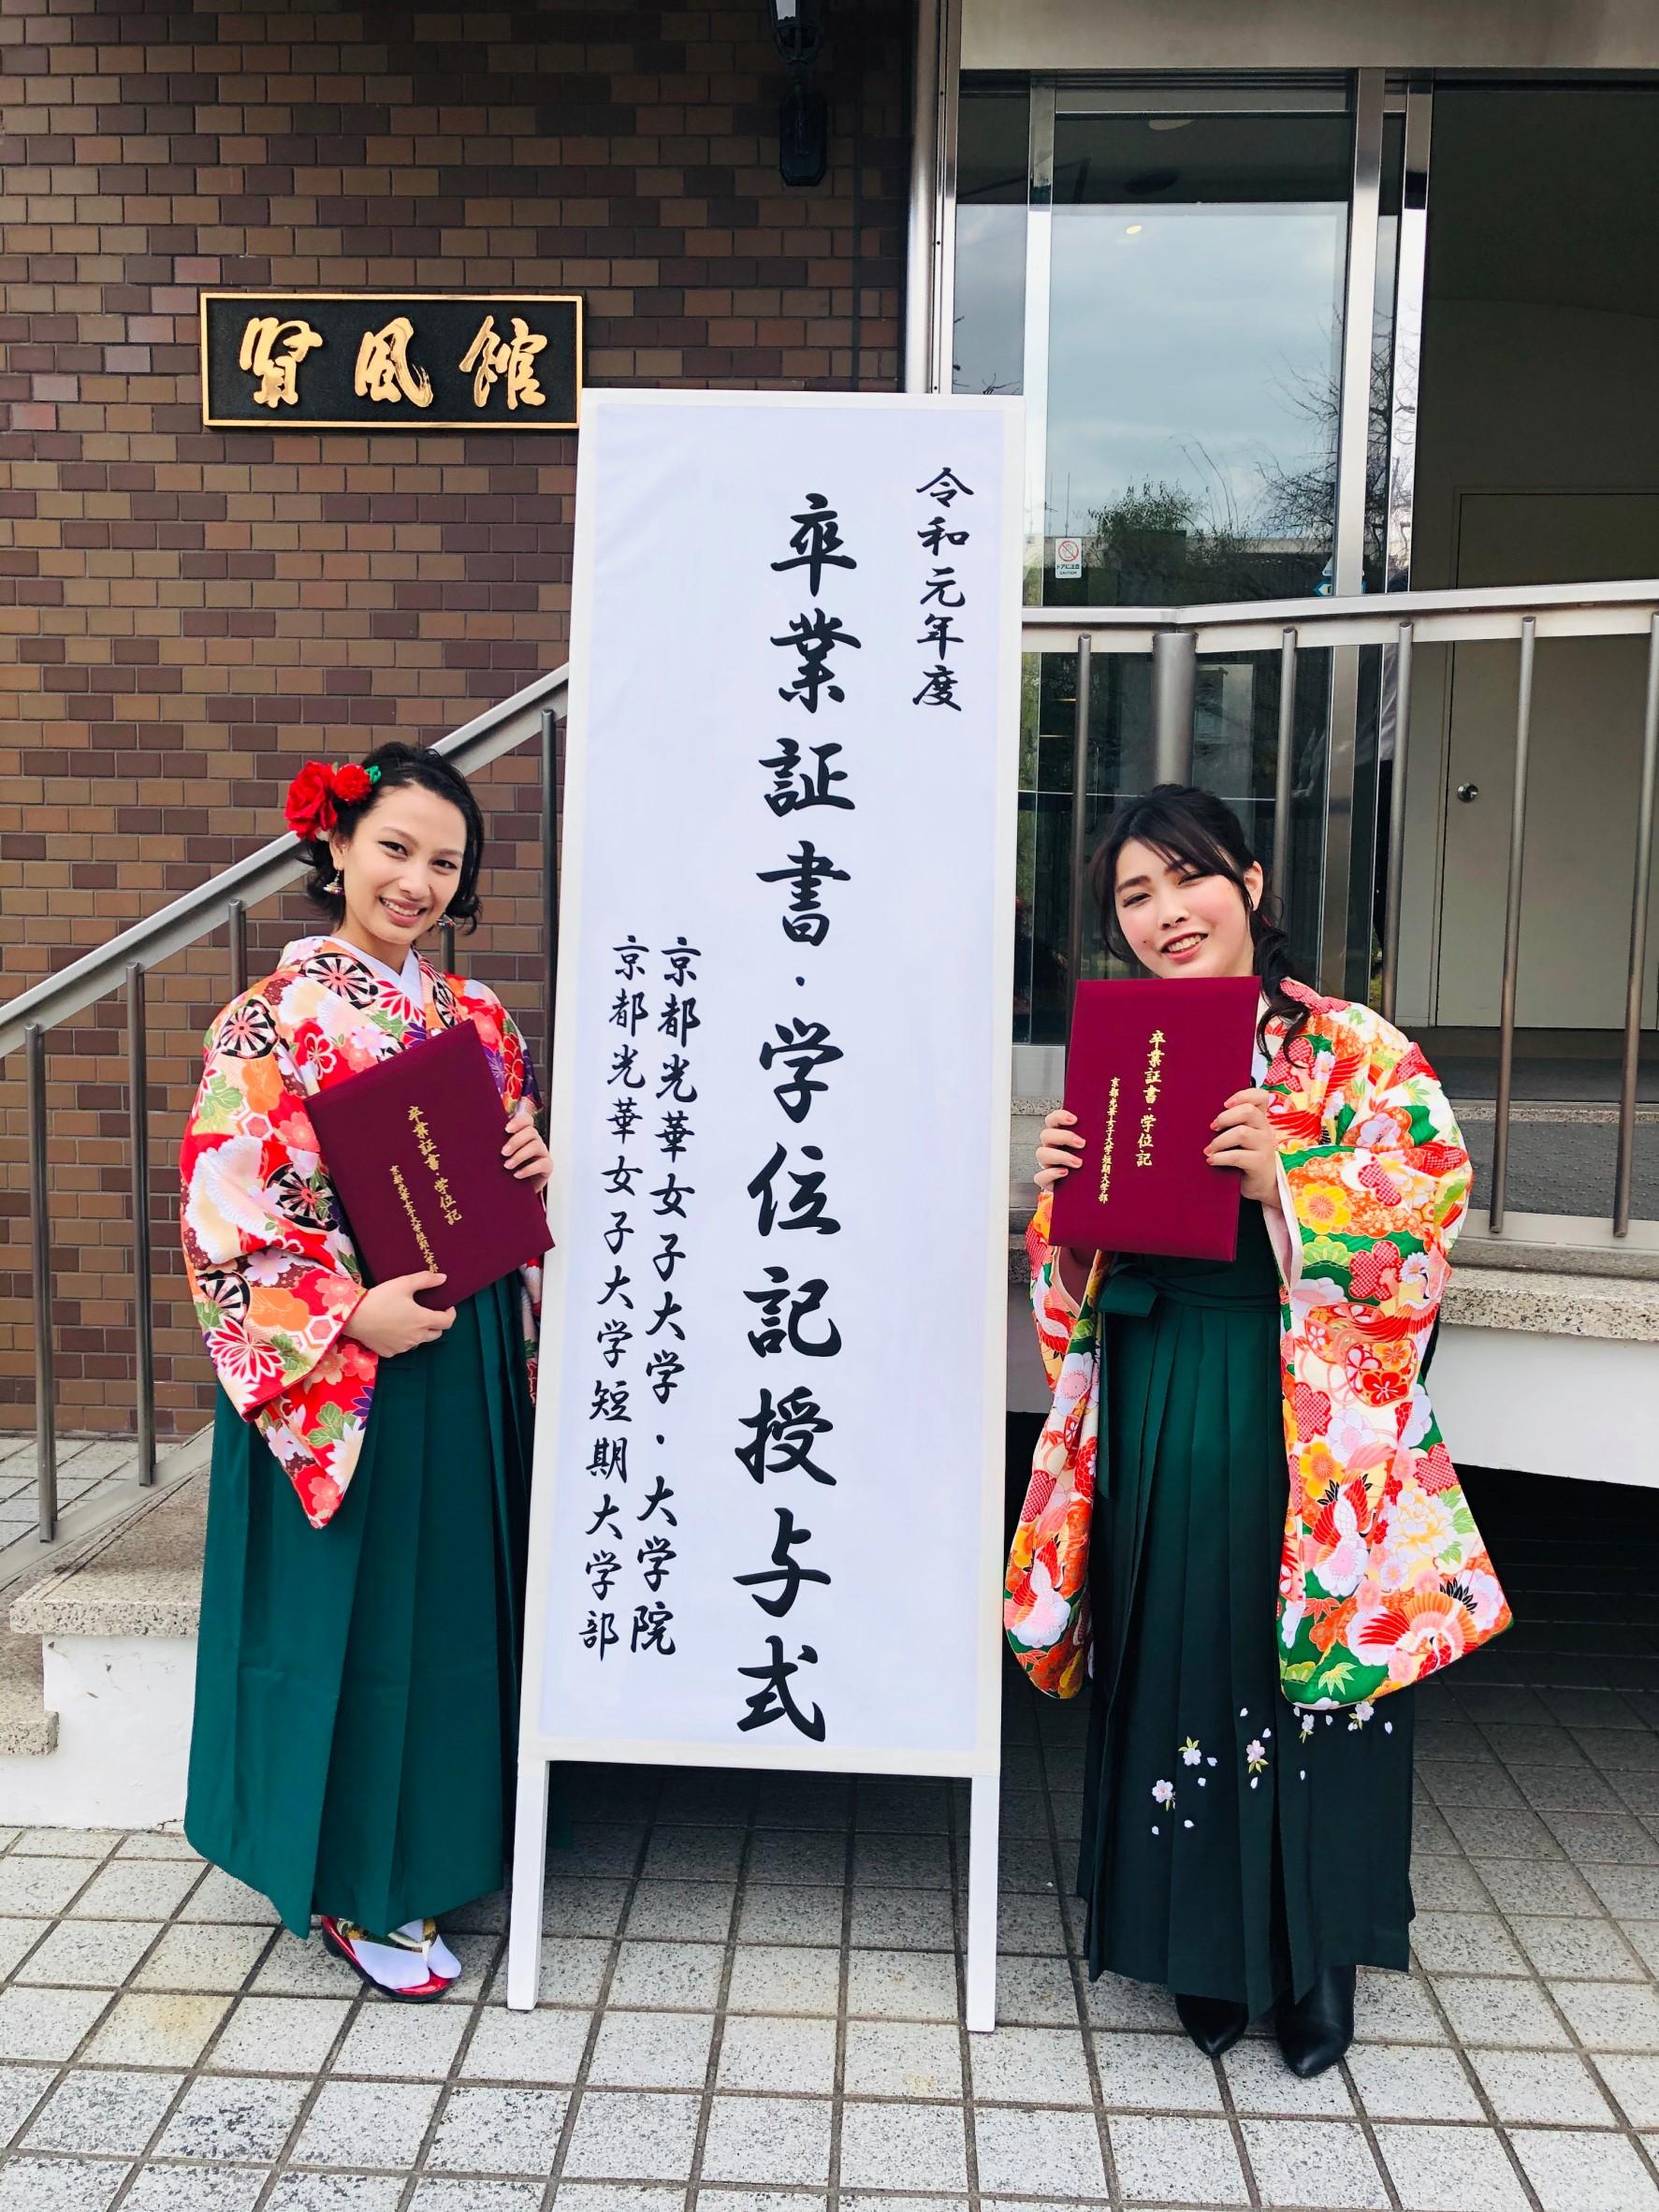 袴レンタル始めましたぁ♡2020年3月19日13